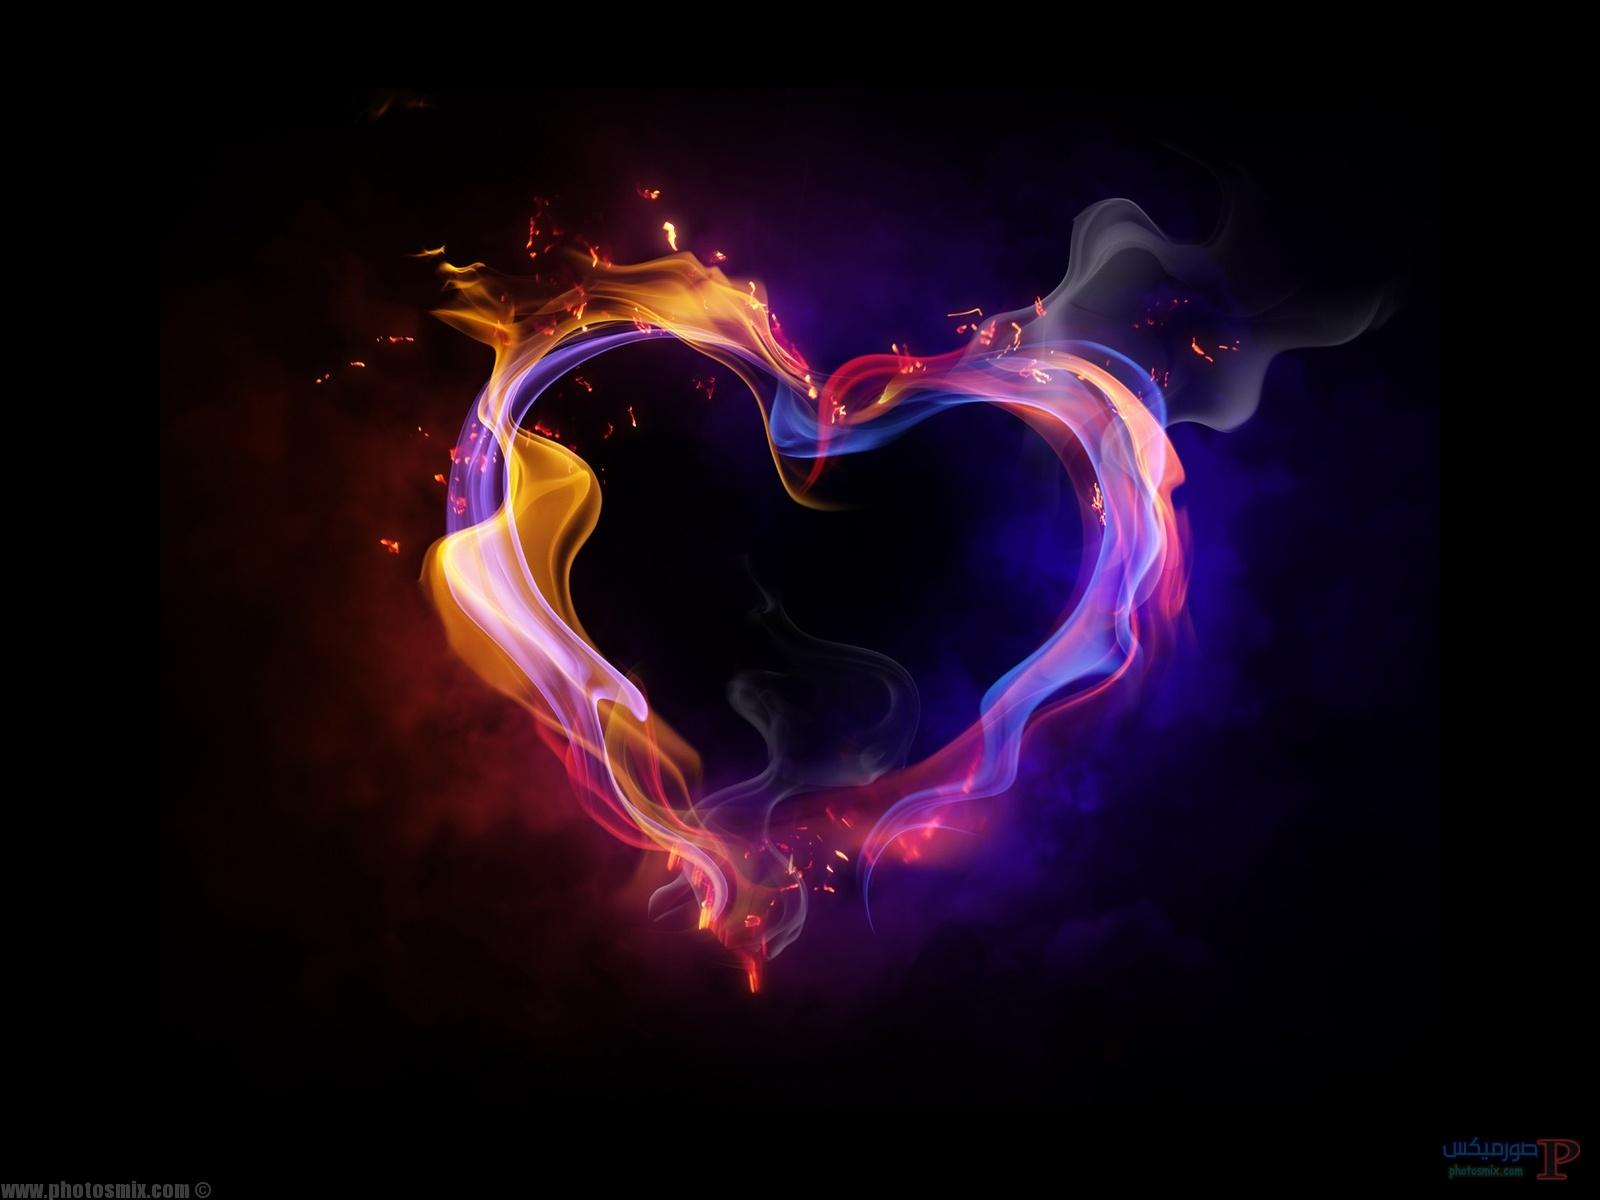 -قلوب-وورد-1 صور قلوب رومانسية, احلي قلوب حب وورد 2018, صور قلوب مجروحة